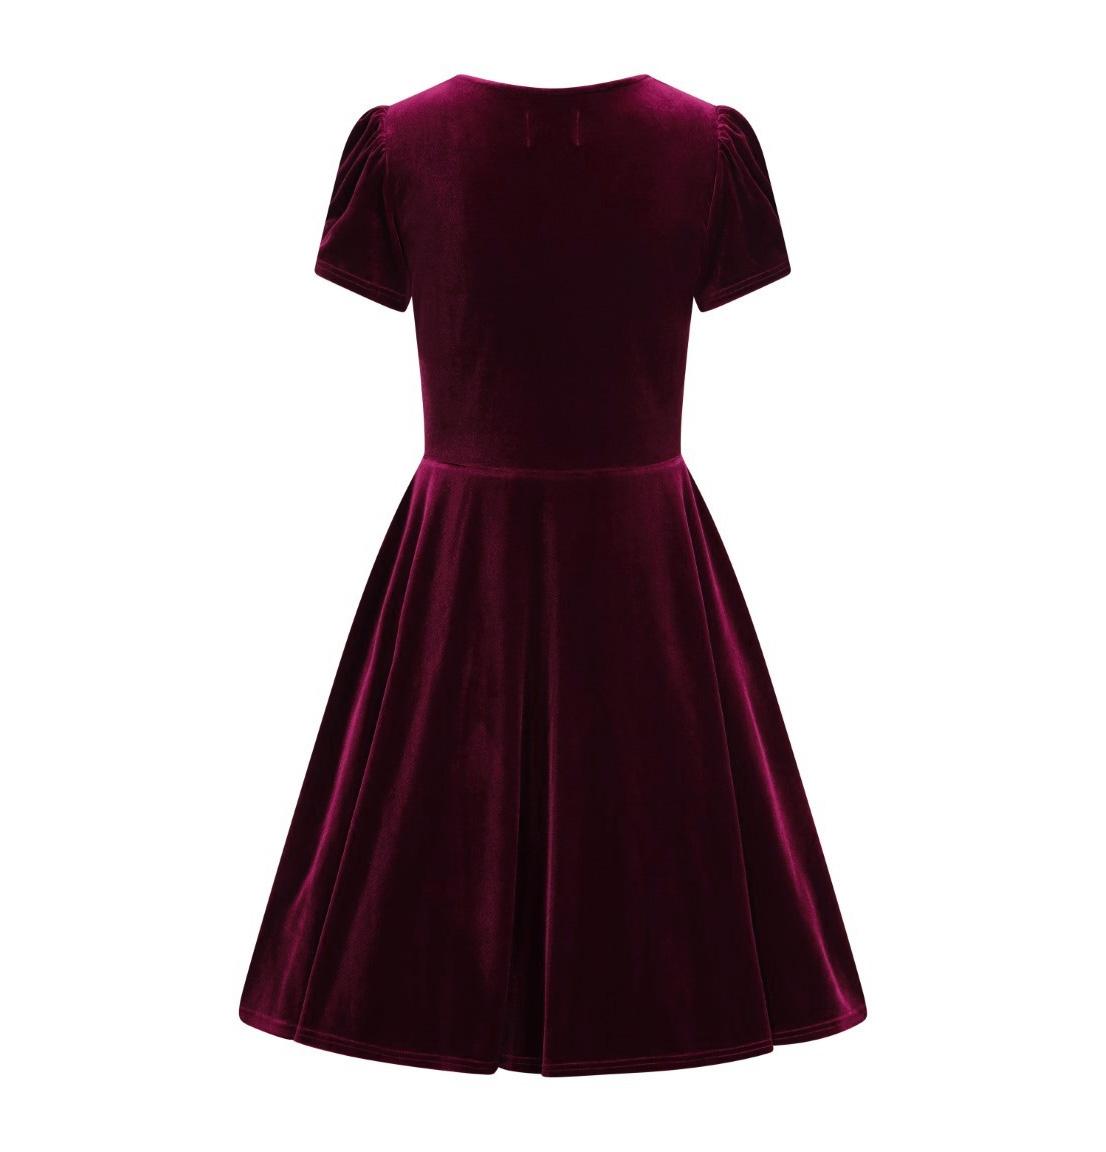 Hell-Bunny-40s-50s-Elegant-Pin-Up-Dress-JOANNE-Crushed-Velvet-Burgundy-All-Sizes thumbnail 43